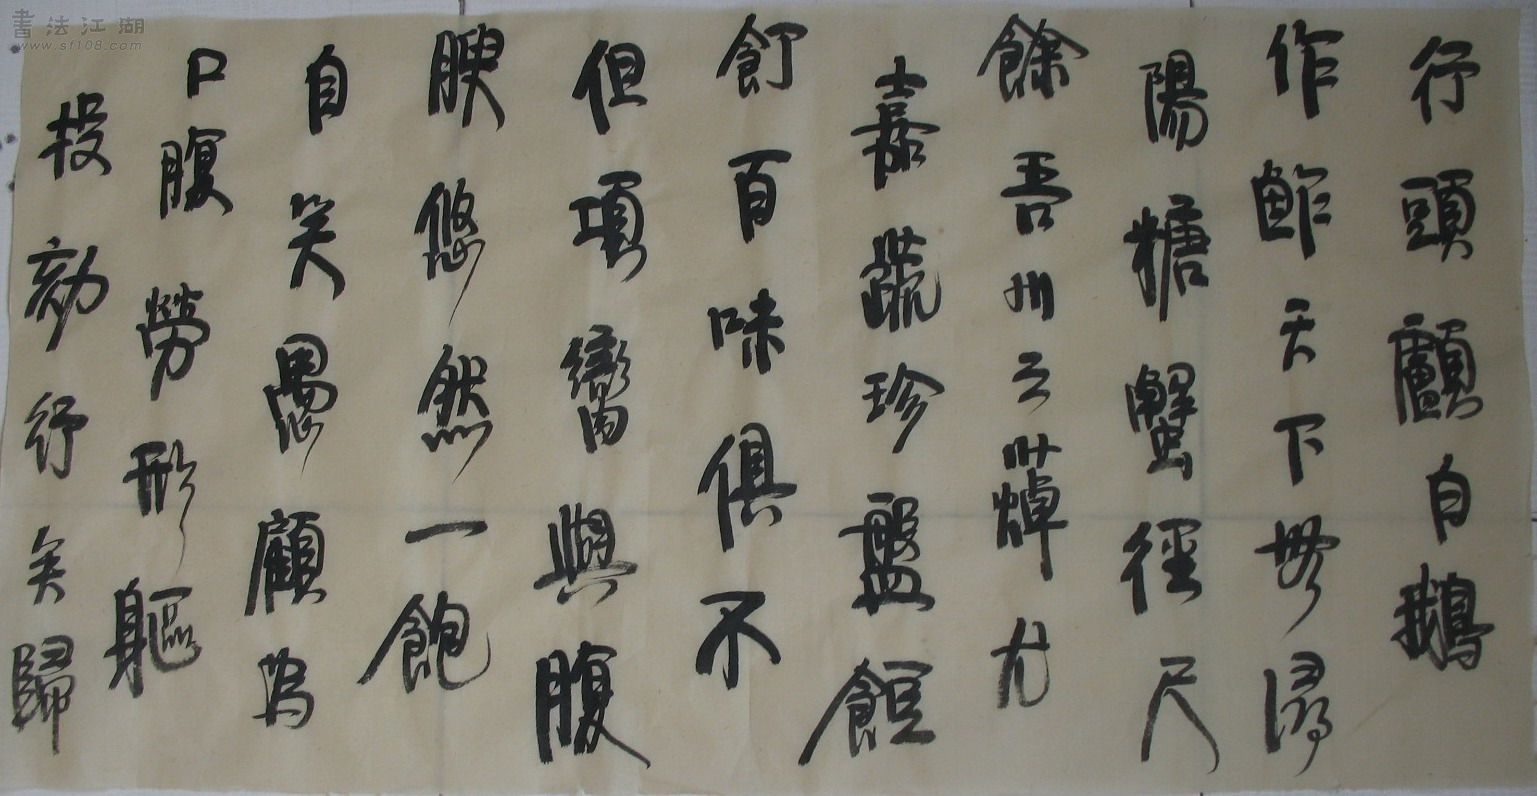 七言古詩- 臺灣Word